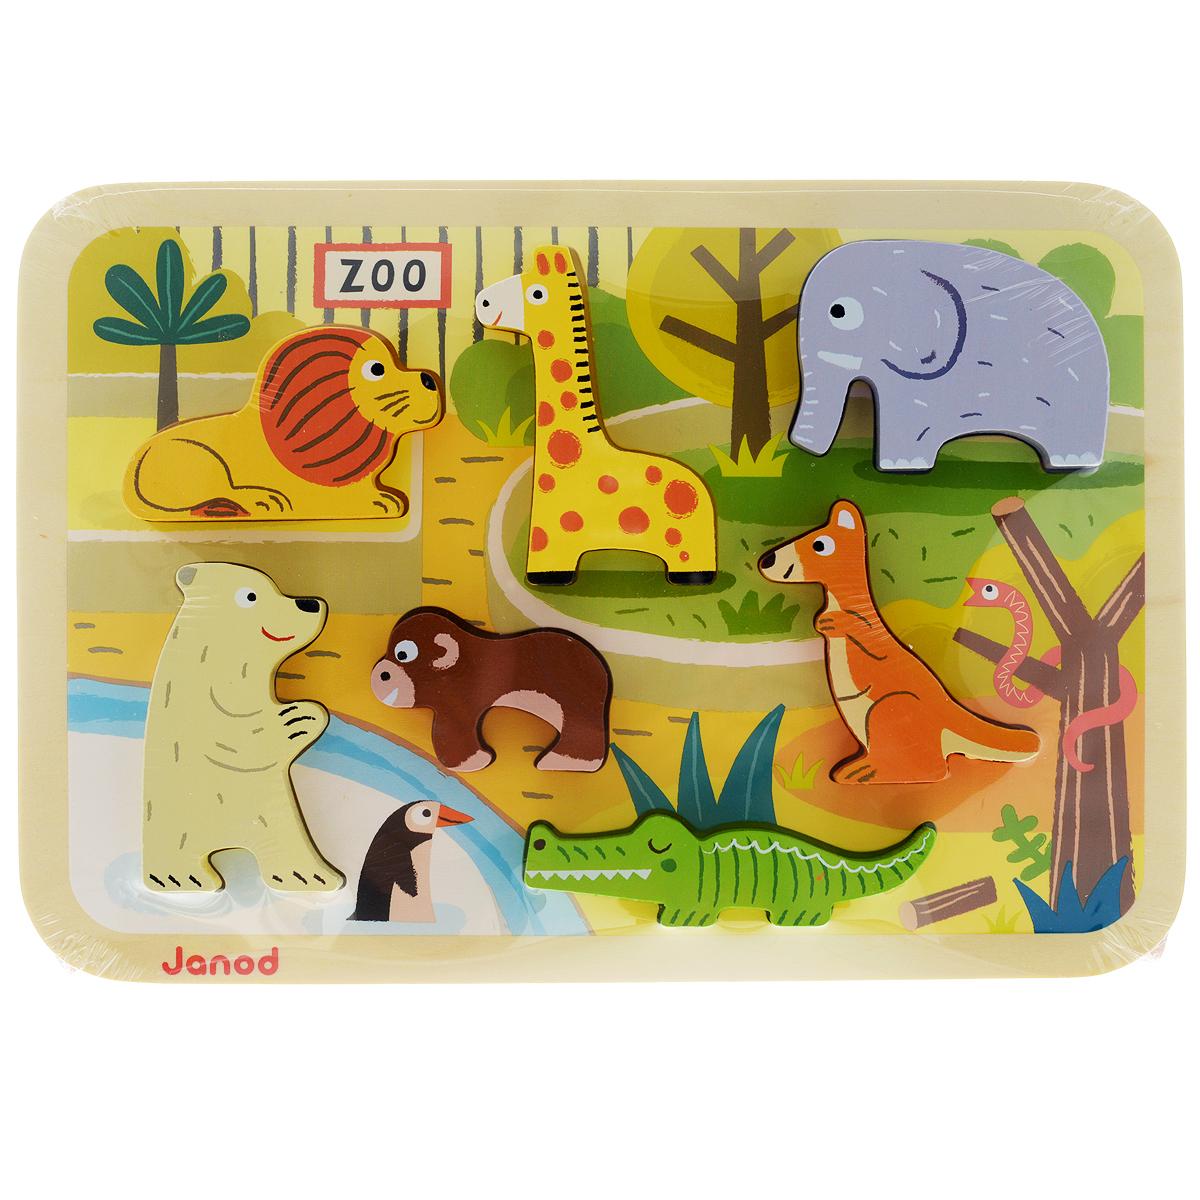 Пазл-вкладыш объемный Janod Зоопарк, 7 элементовJ07022Деревянный пазл-вкладыш Janod Зоопарк собирается на специальной деревянной основе с отверстиями, оформленной изображением фрагмента морского дна. Малыш должен расположить по своим местам объемные фигурки в виде льва, жирафа, медведя, обезьяны, кенгуру, слона и крокодила. Благодаря тому, что фигурки объемные, их можно ставить, а значит, использовать в других играх. Вы можете вместе с ребенком придумать занимательные истории с этими животными, а также использовать их в своих рисунках. Для этого приложите вкладыш к листу бумаги и обведите, а потом раскрасьте. Игрушка изготовлена из дерева, выкрашенного яркими красками на водной основе; все края закруглены. Деревянный пазл-вкладыш Janod Зоопарк способствует развитию цветовосприятия, мелкой моторики рук, логического мышления и знакомит малыша с окружающим миром.